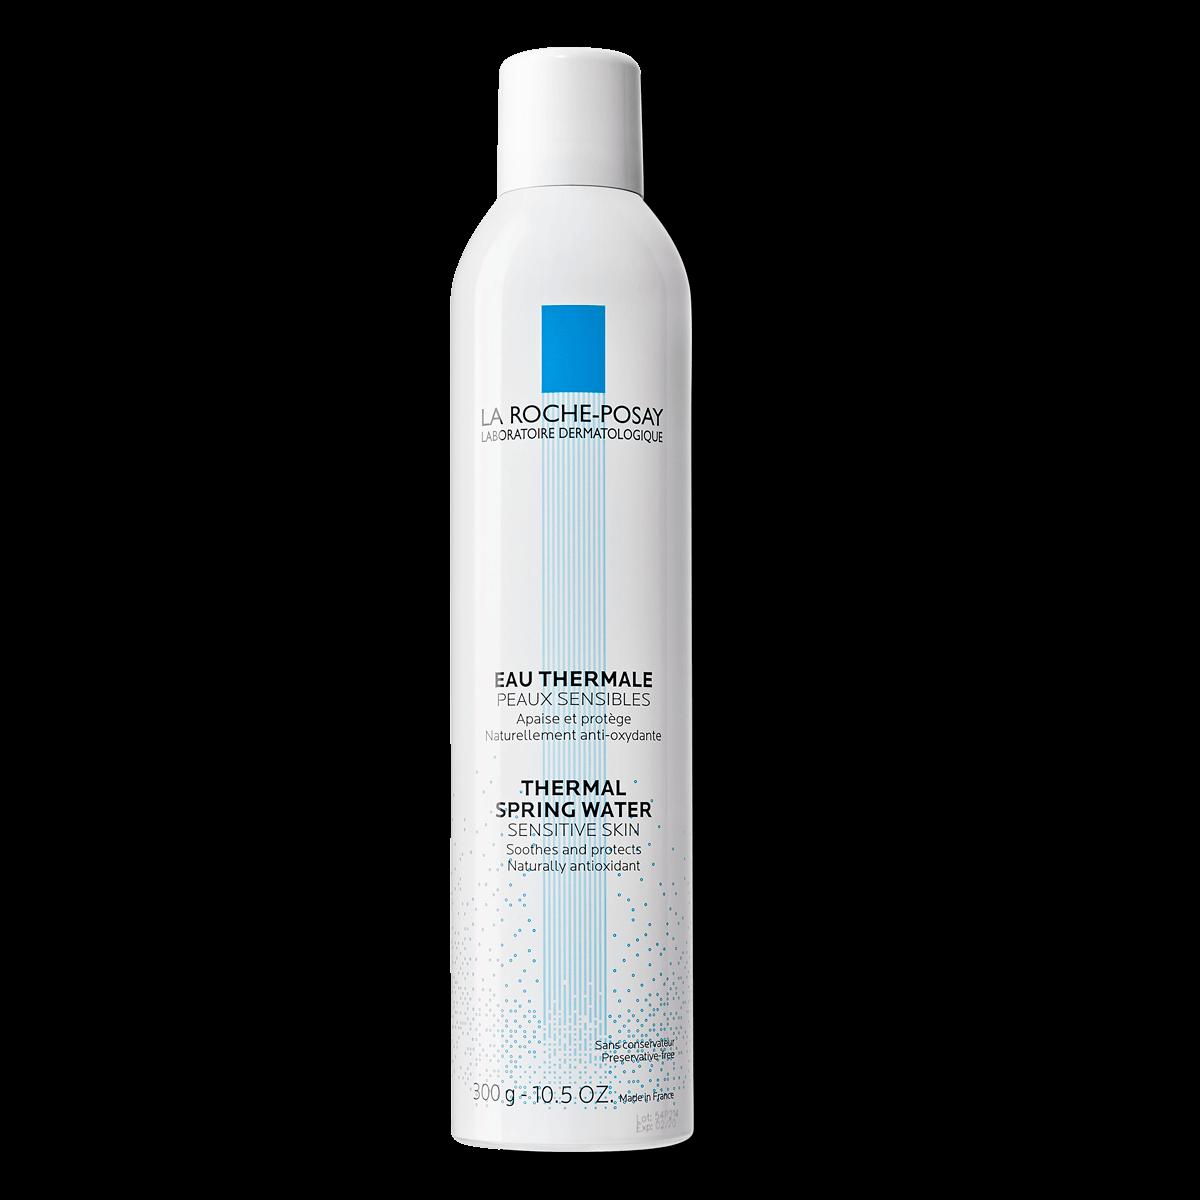 Woda termalna do twarzy WODA TERMALNA Z LA ROCHE-POSAY 300 ml Przód 2 | La Roche Posay